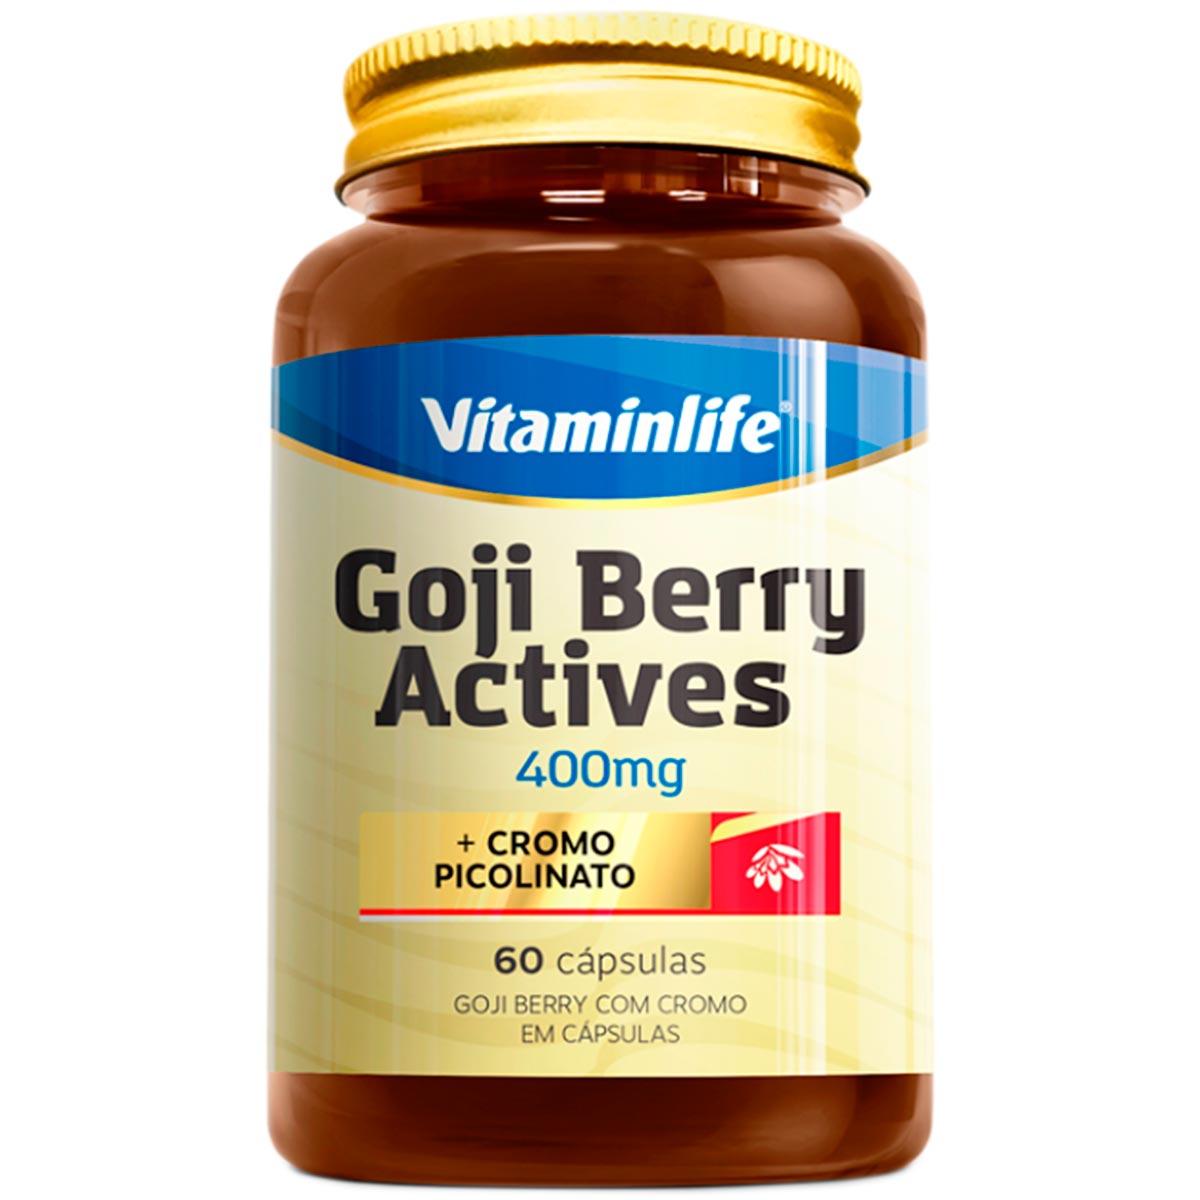 Goji Bery Actives 60 Cápsulas - Vitaminlife